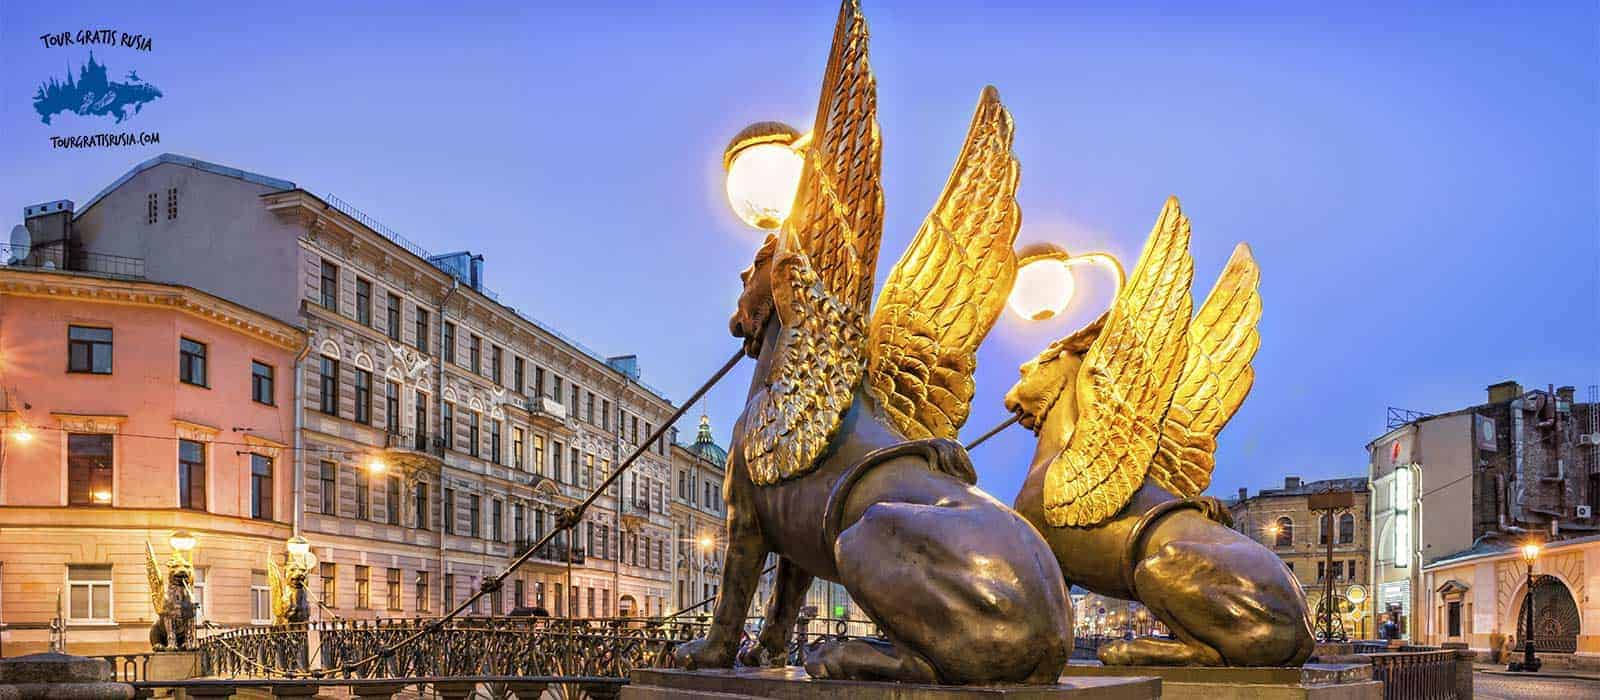 Tour opción larga en San Petersburgo: centro (gratis), fortaleza de Pedro y Pablo y visita del metro